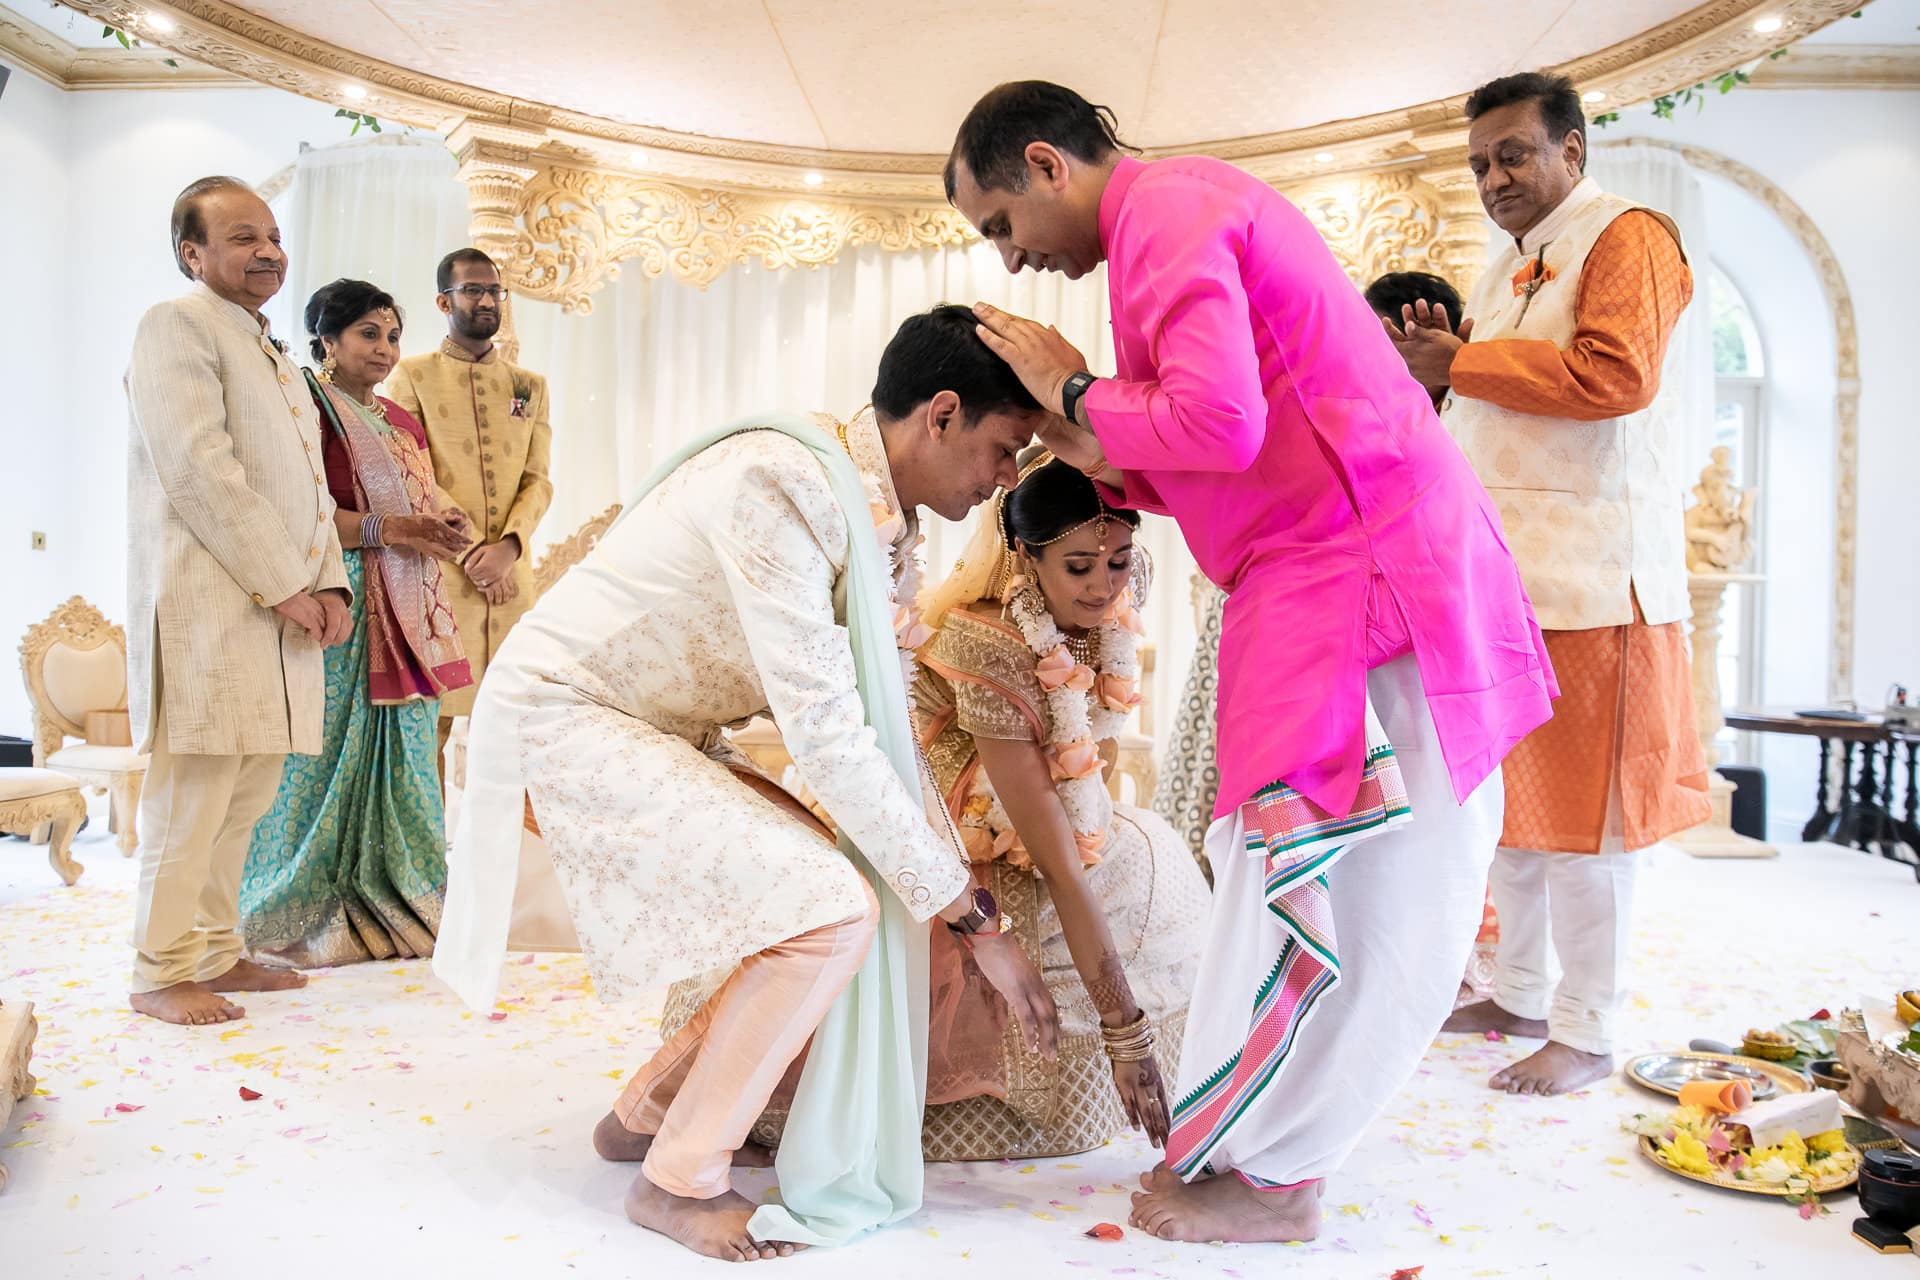 Blessing from Hindu wedding priest Arjun Pandey